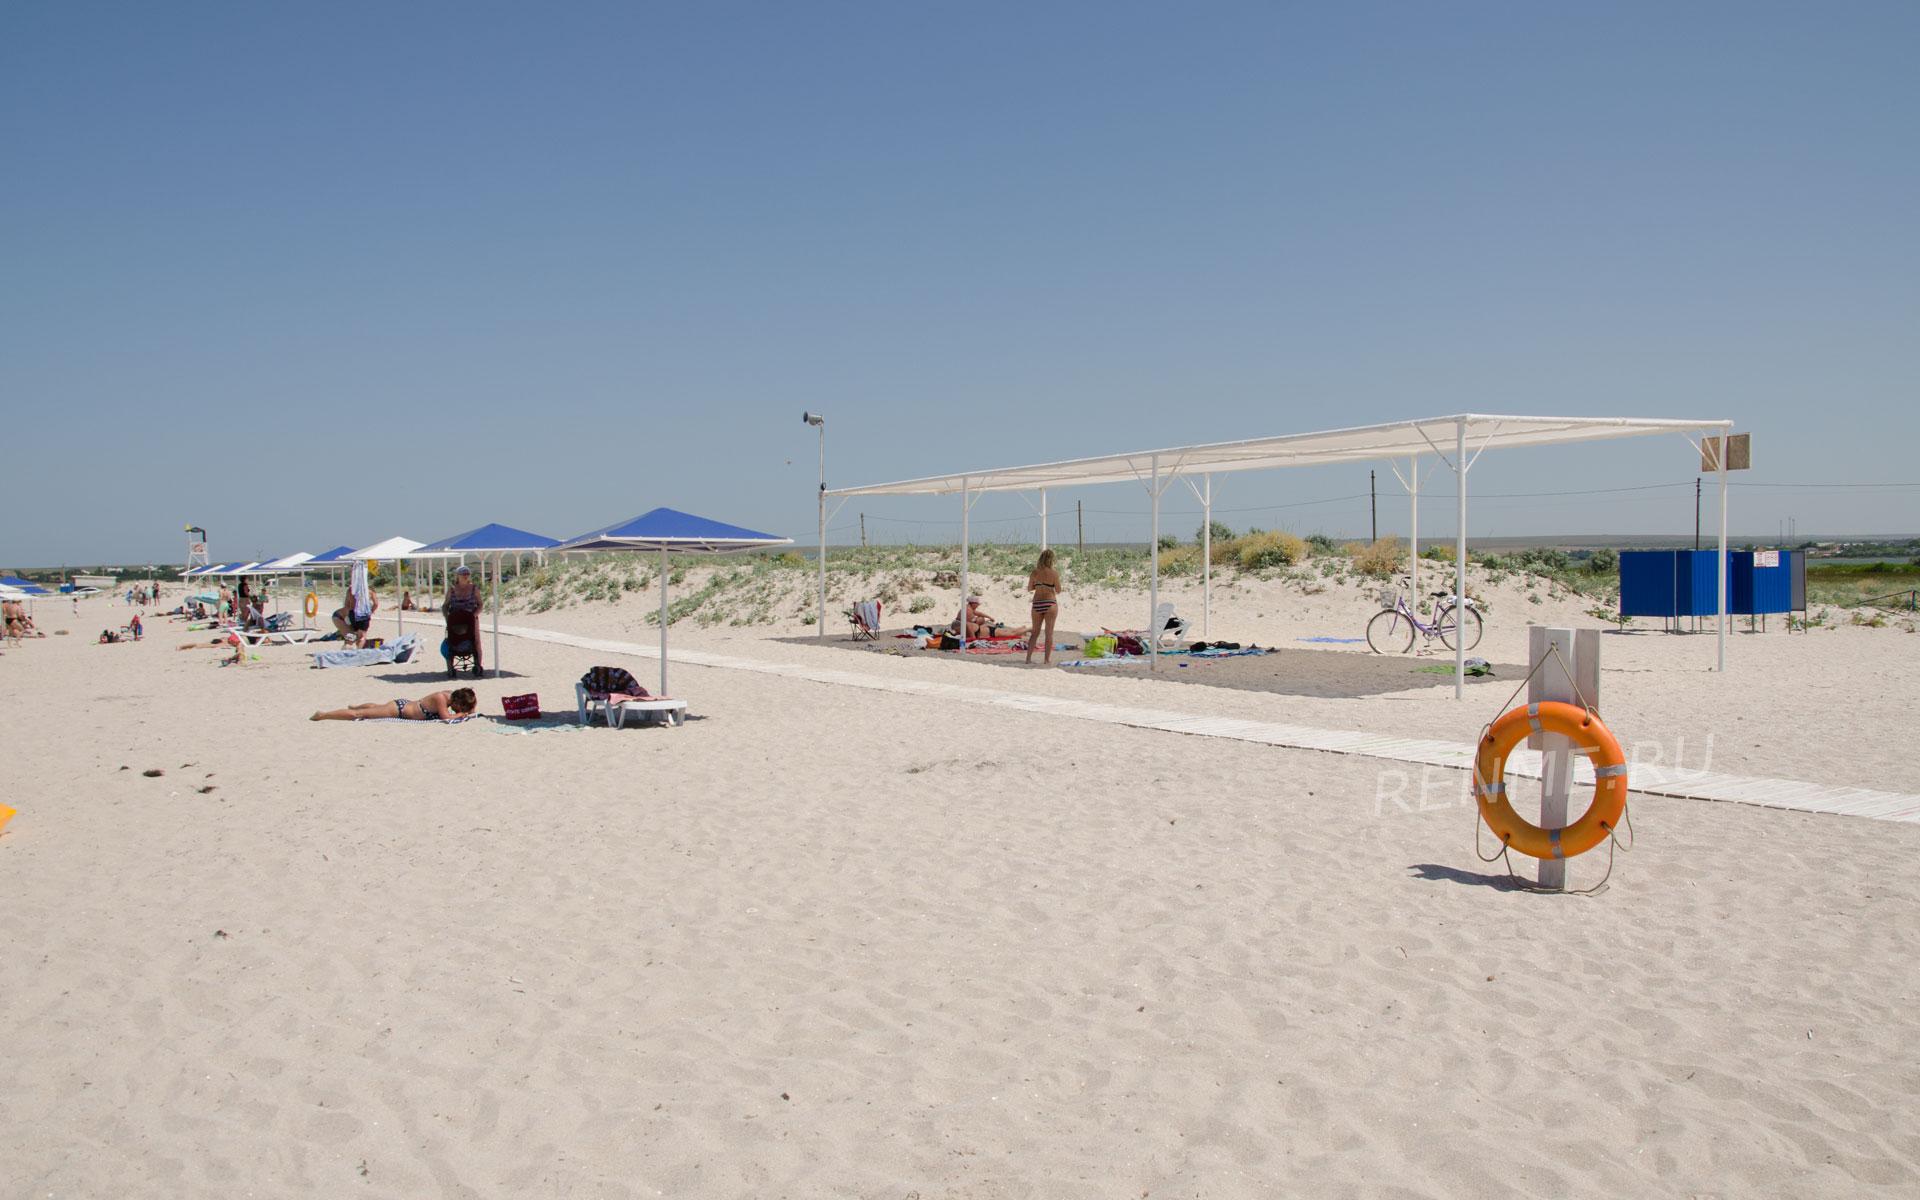 Лучший пляж юга России. Фото Оленевки